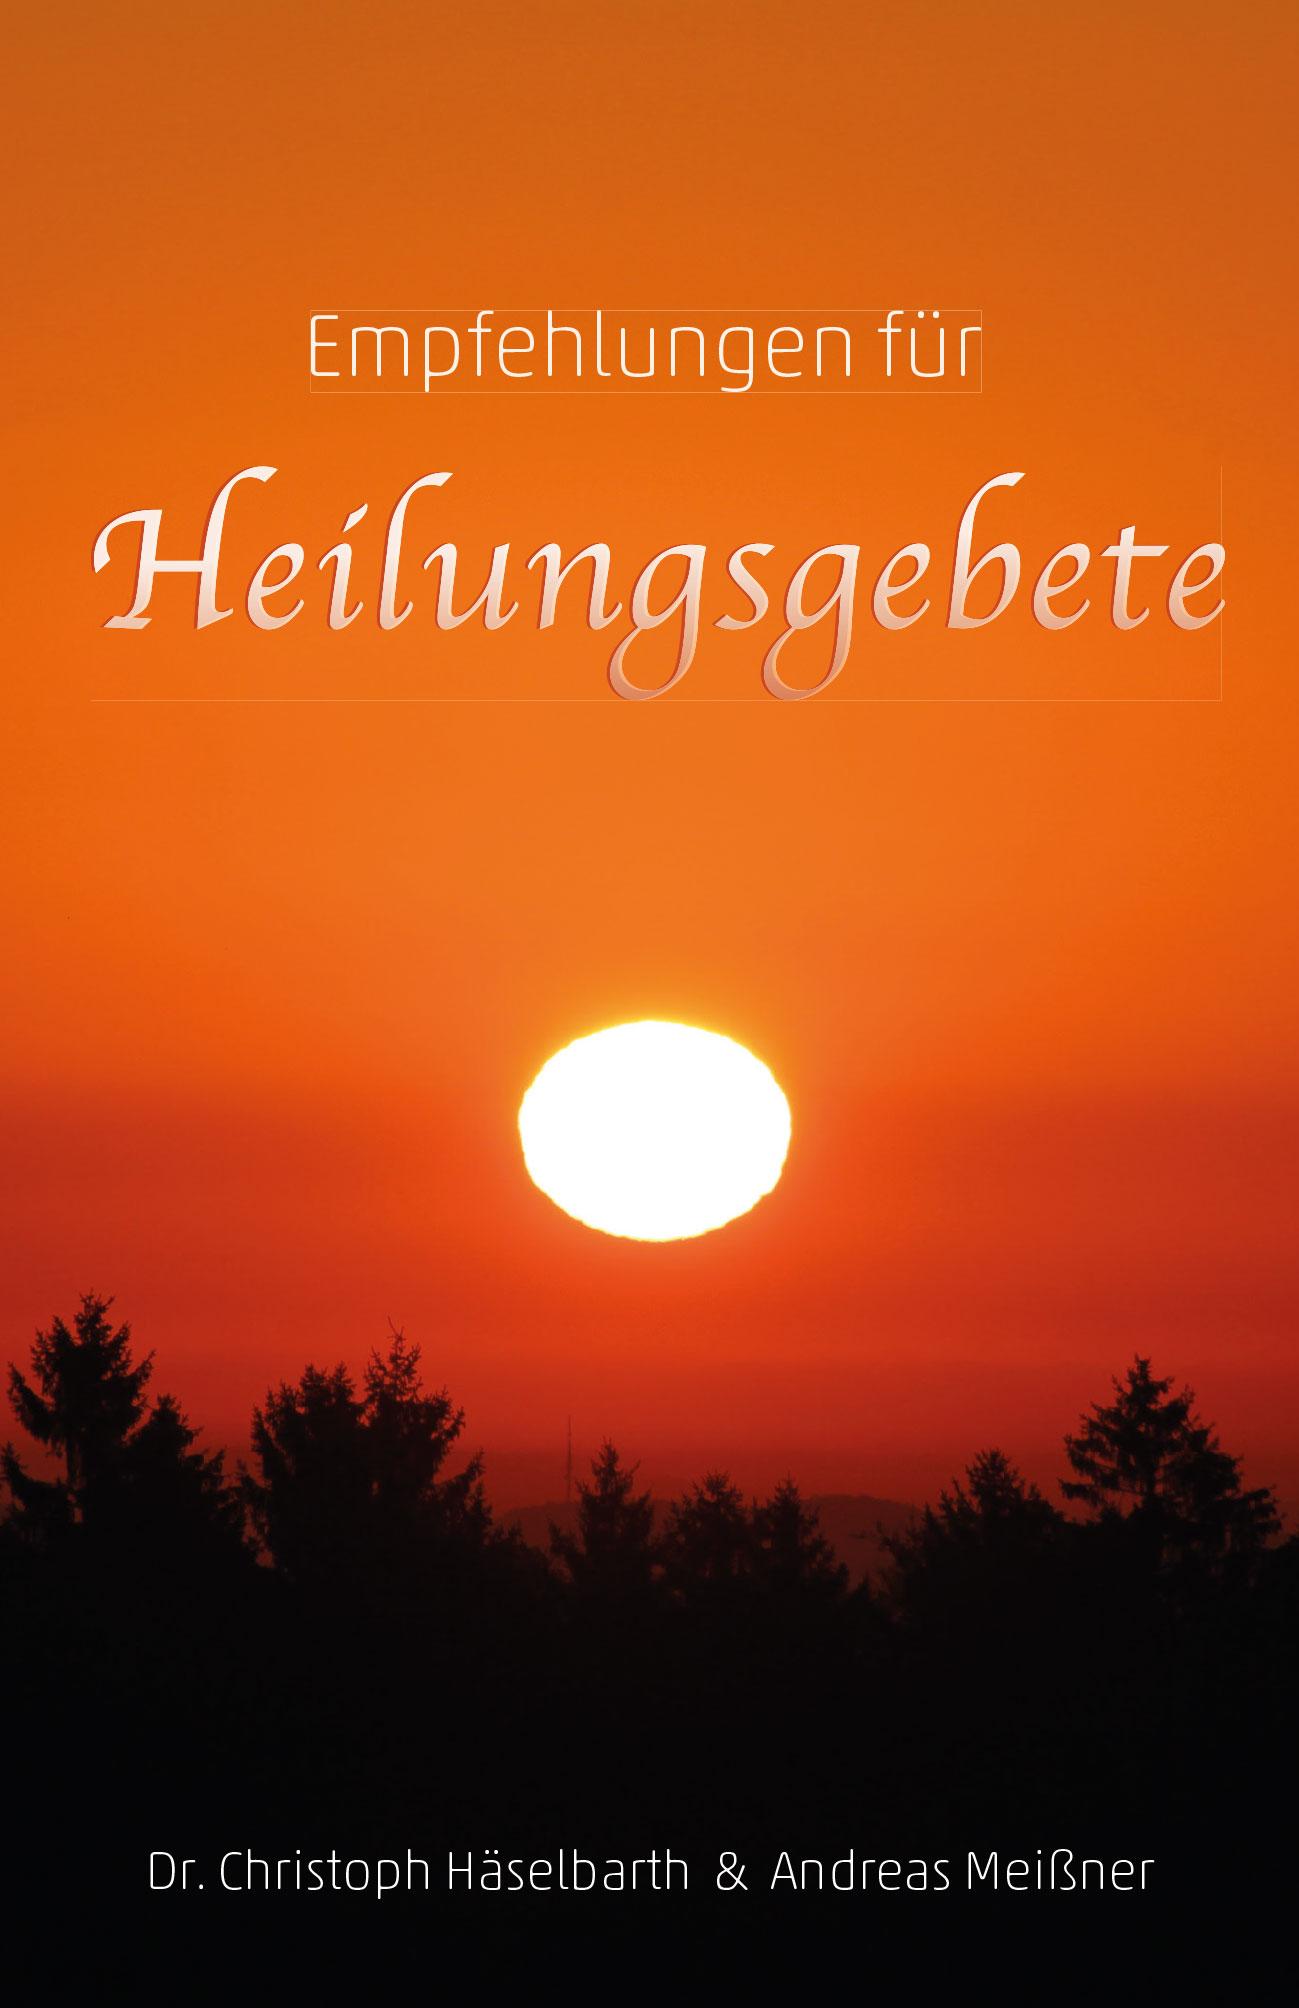 Gemütlich Carol Draht Kabelunternehmen Fotos - Der Schaltplan ...